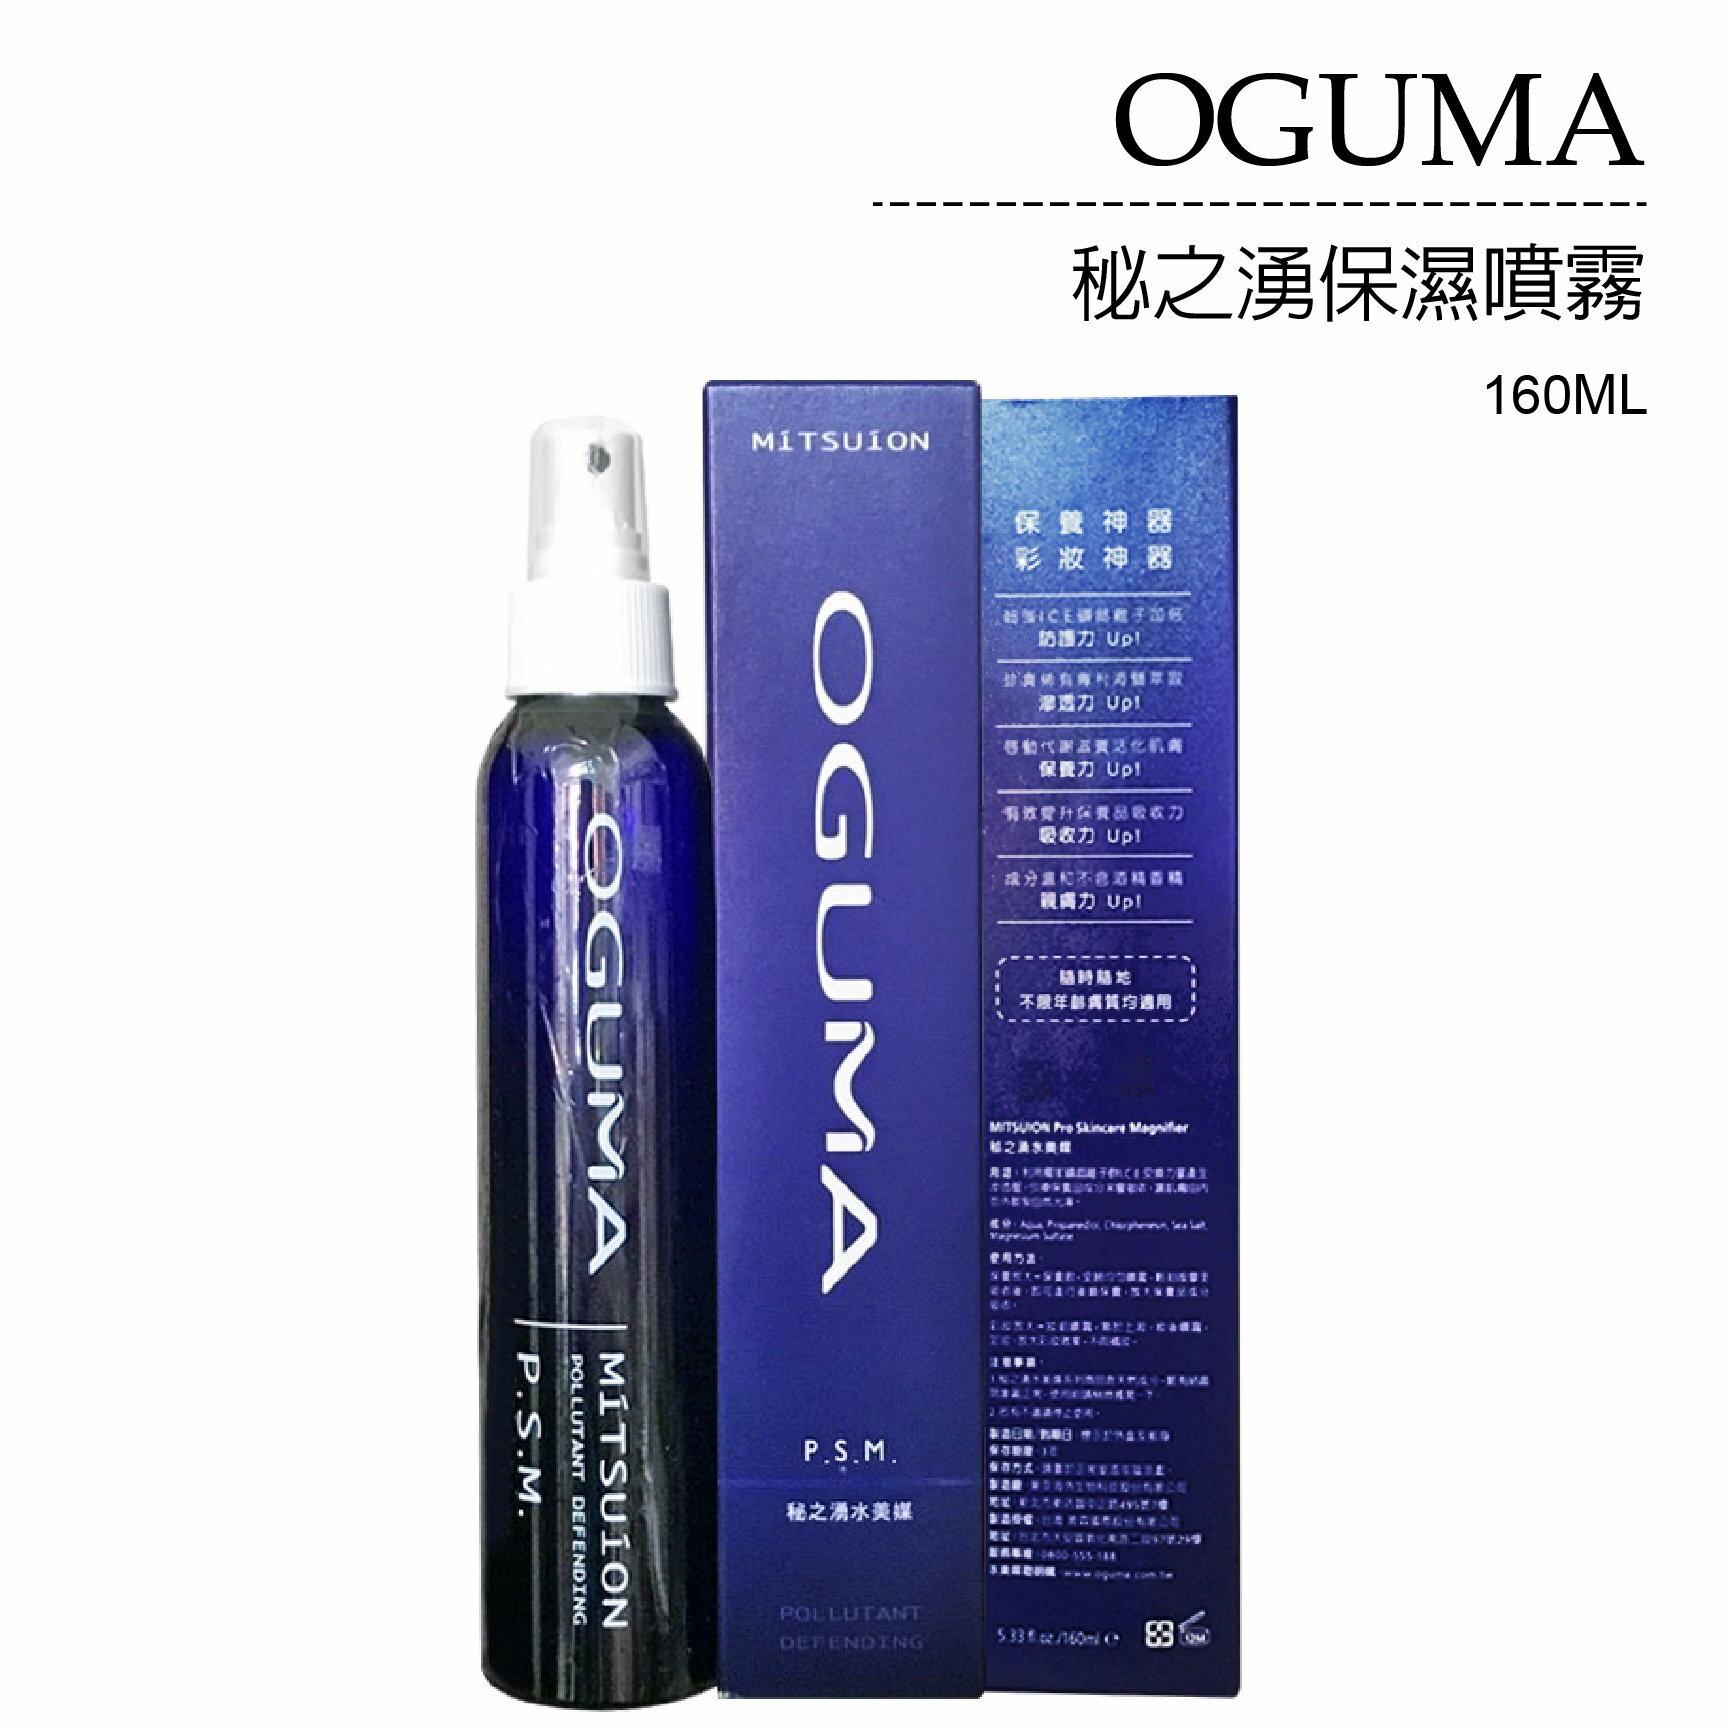 【限時特賣2入/$299免運】OGUMA P.S.M秘之湧水美媒保濕噴霧160ml